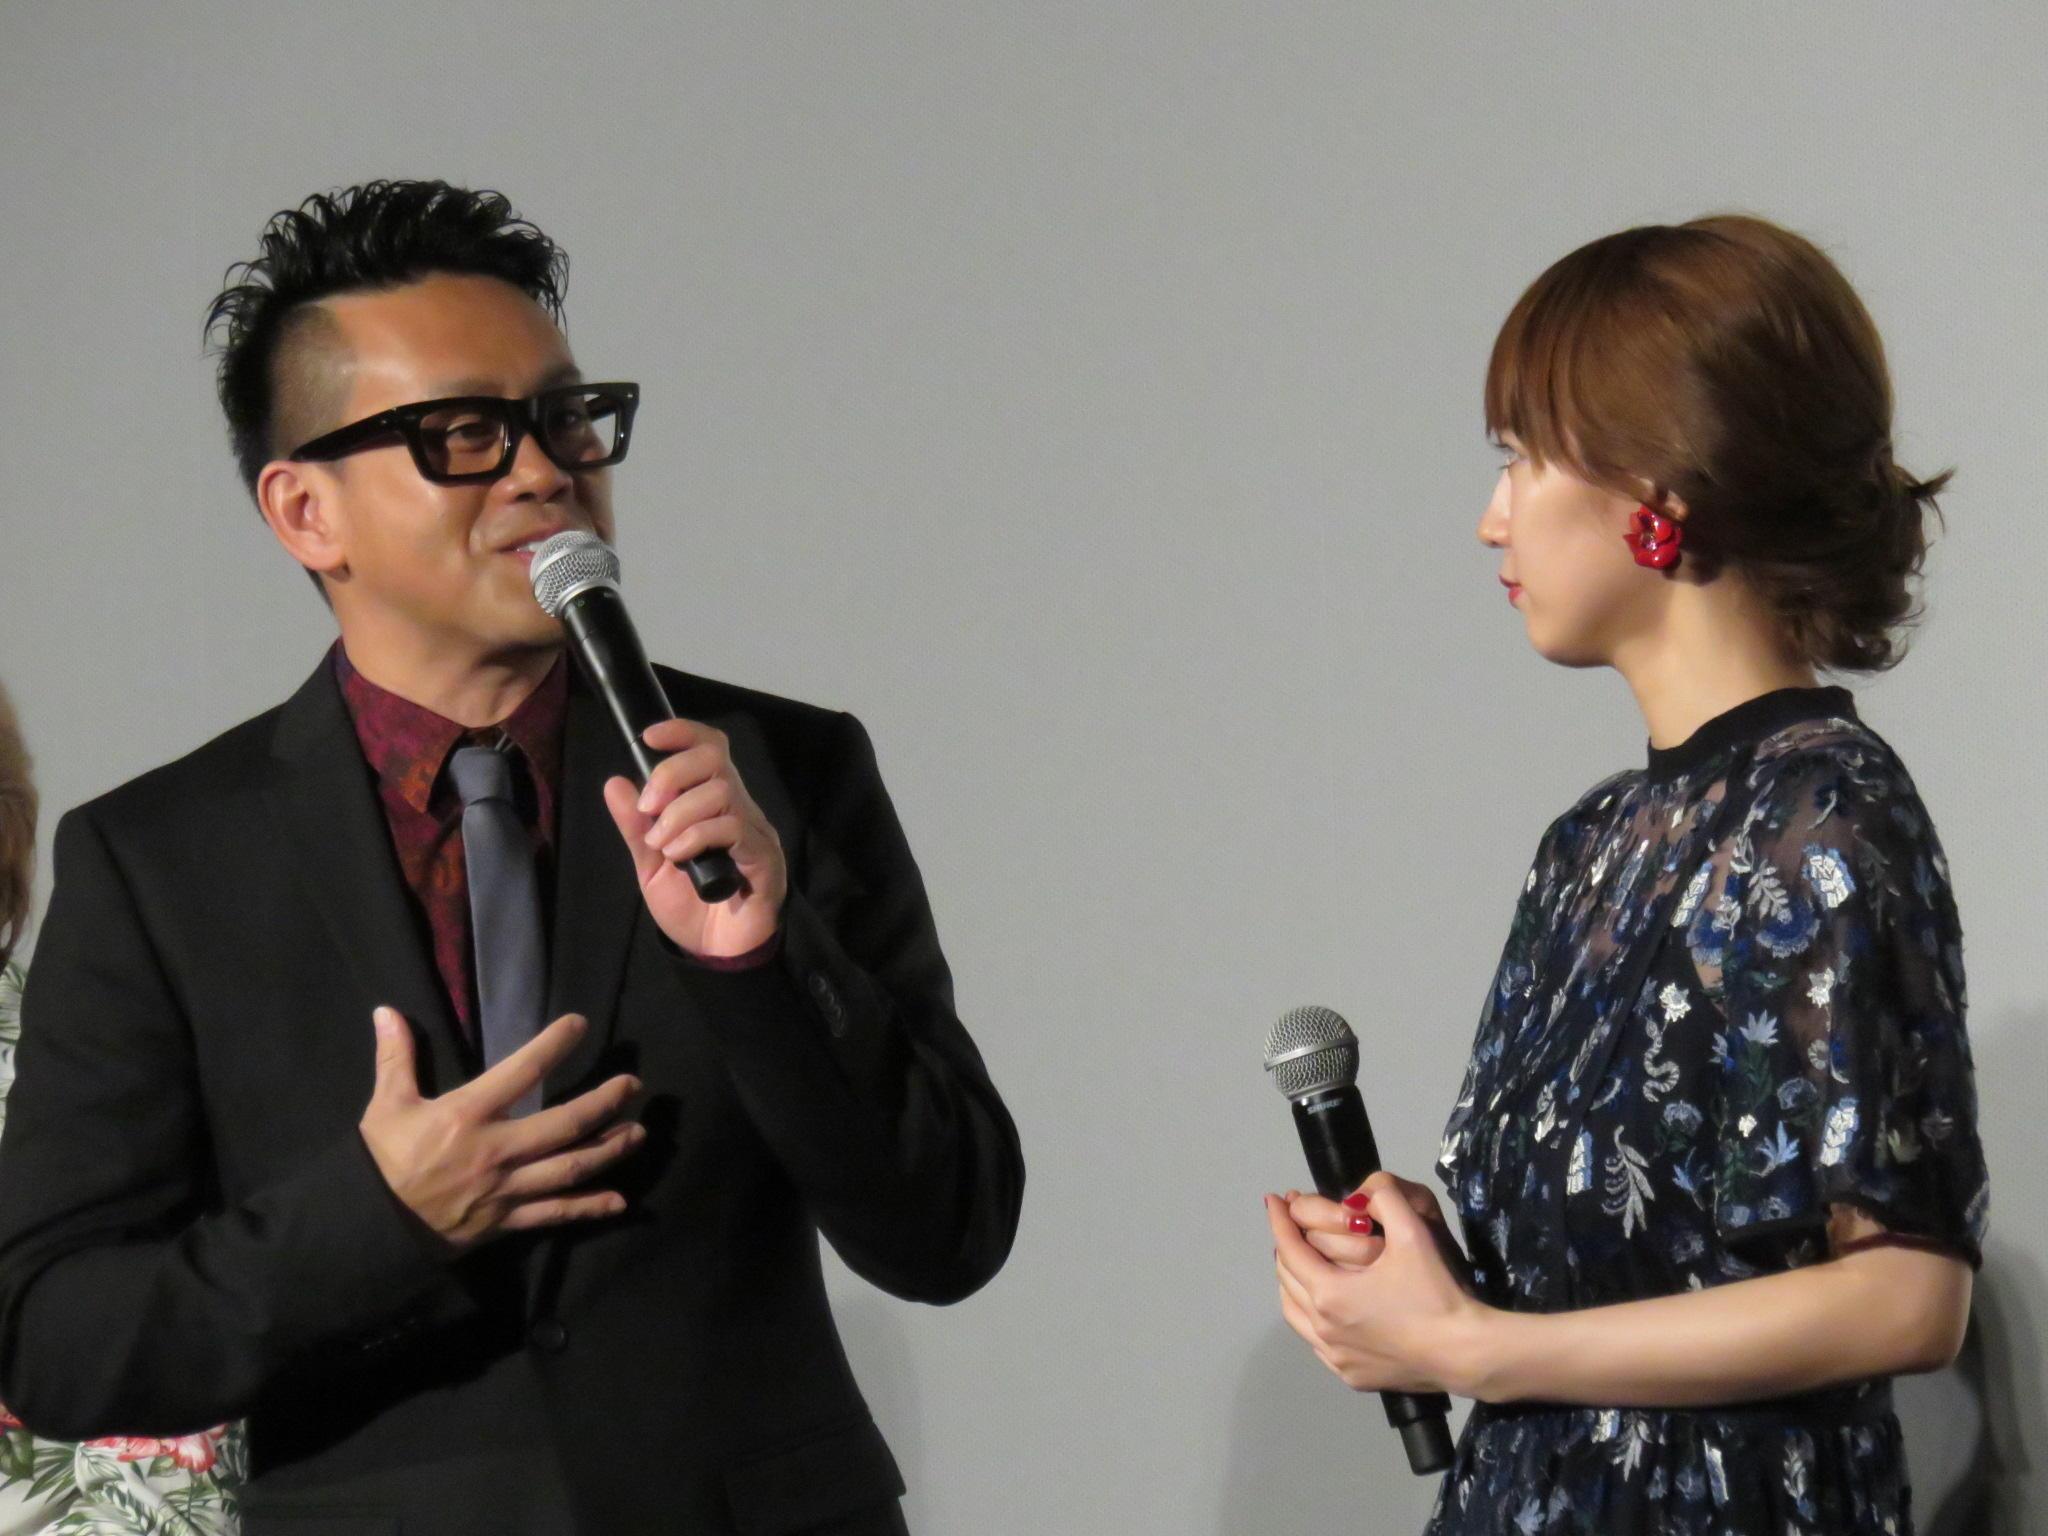 http://news.yoshimoto.co.jp/20170415182346-f002e54c8046a71a82f93f8018addb0458c8bf06.jpg